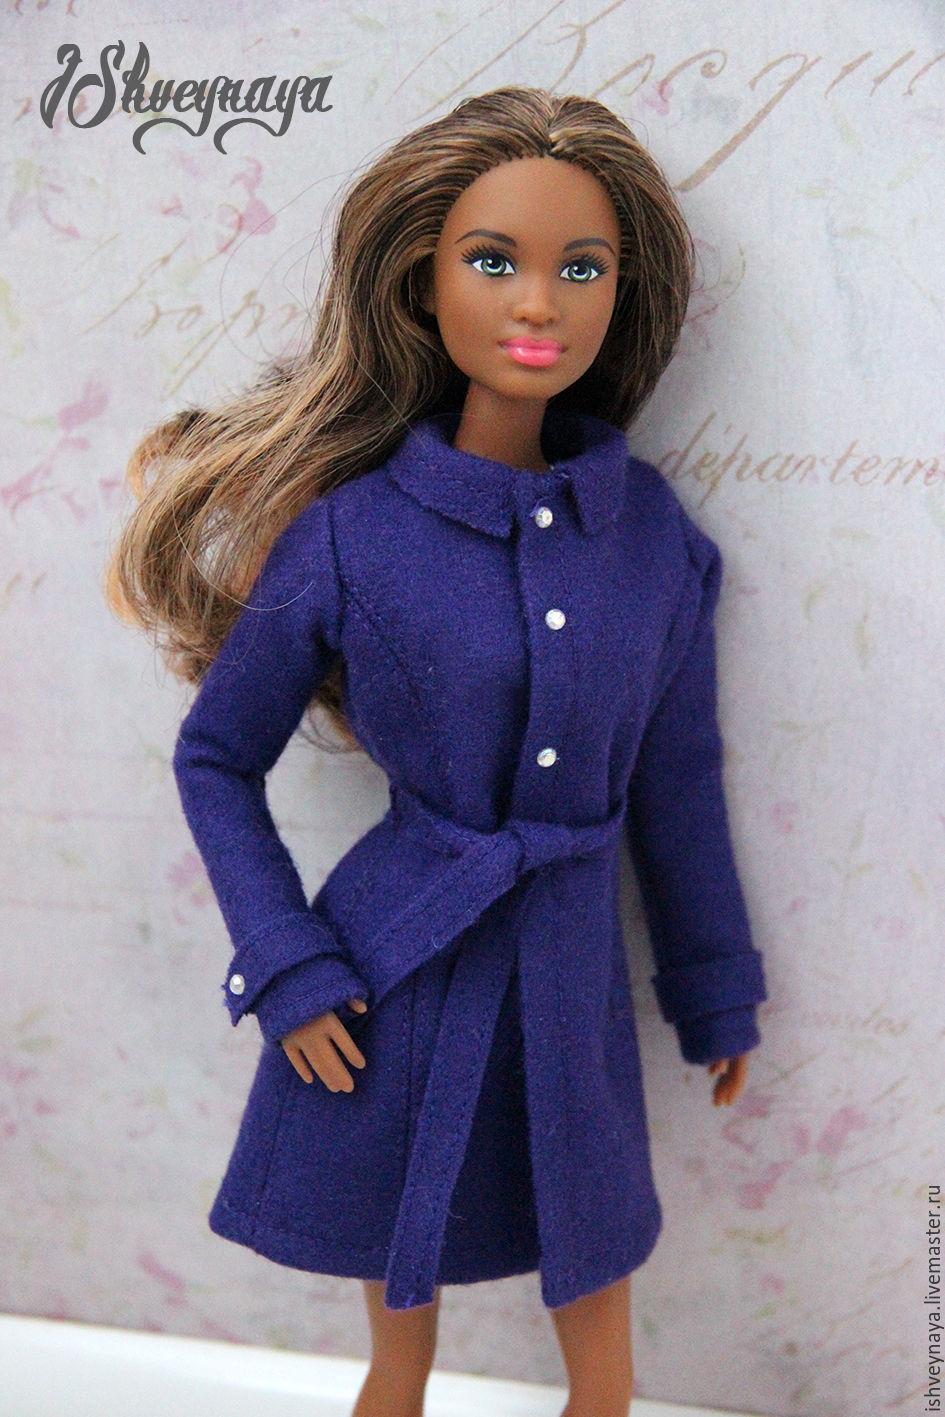 Как сшить пальто для куклы. Выкройка пальто для куклы / Мастер-класс 555